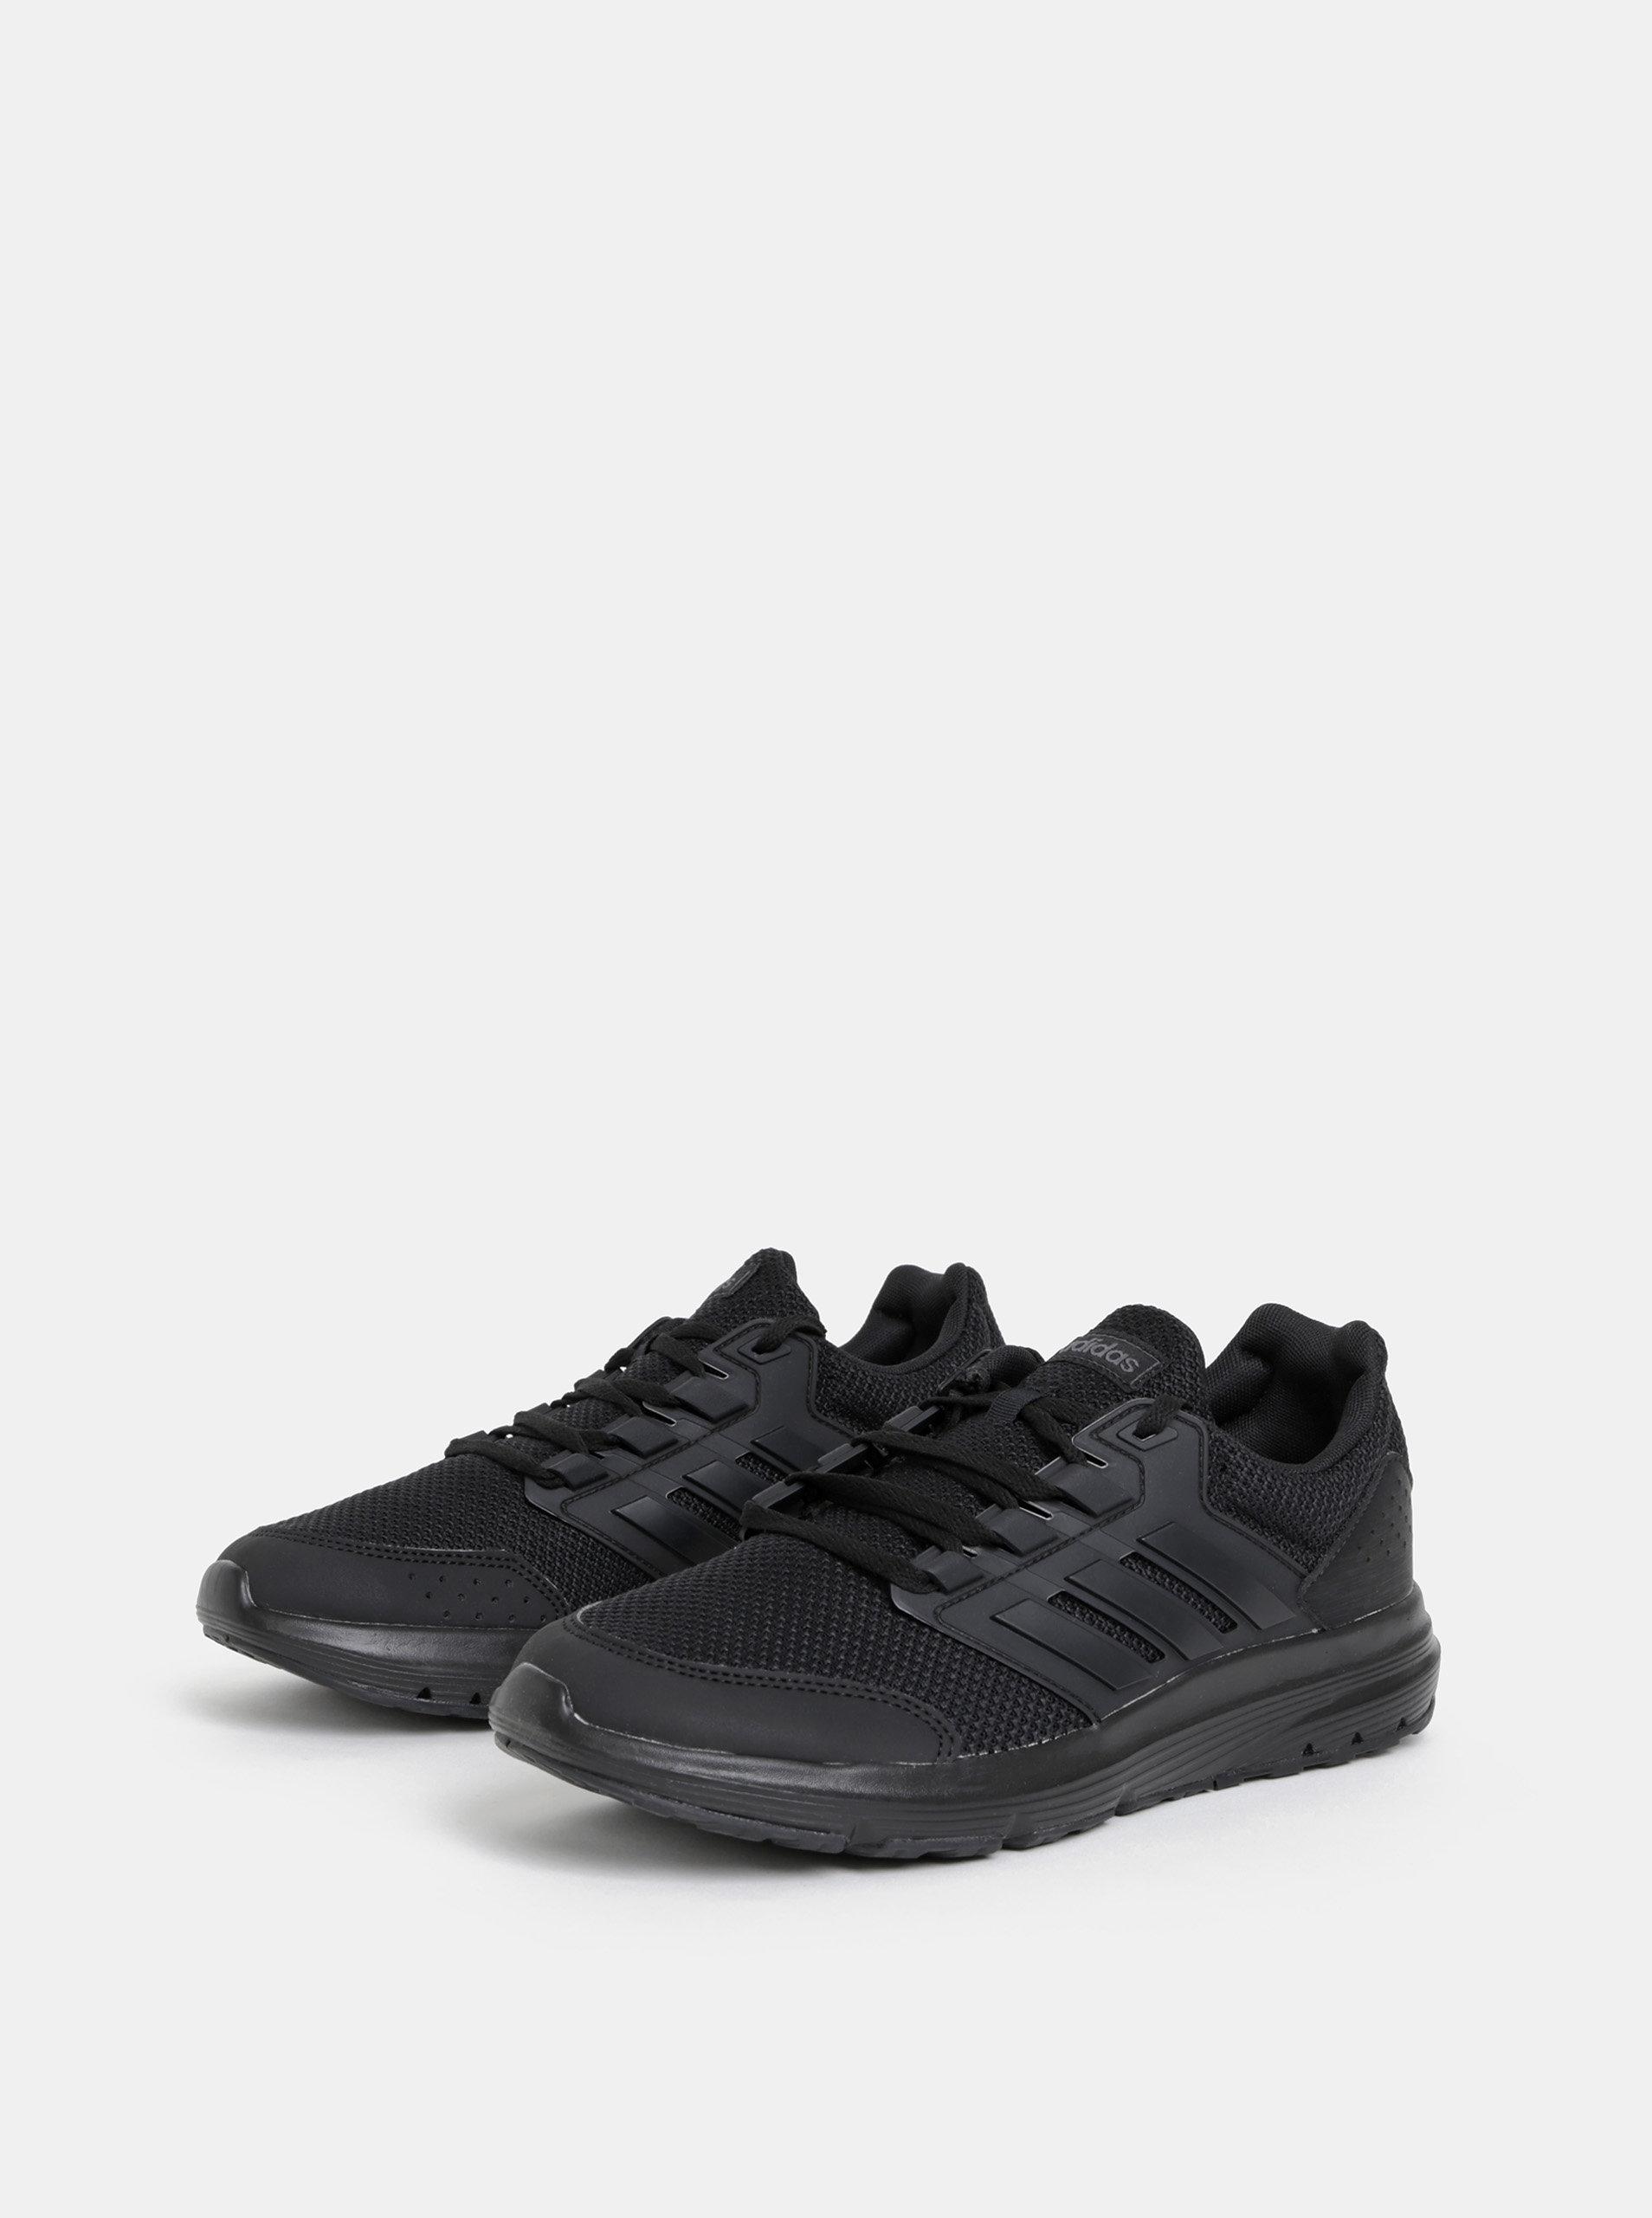 b856d3d8a8bc9 Čierne pánske tenisky adidas CORE Galaxy 4 | ZOOT.sk